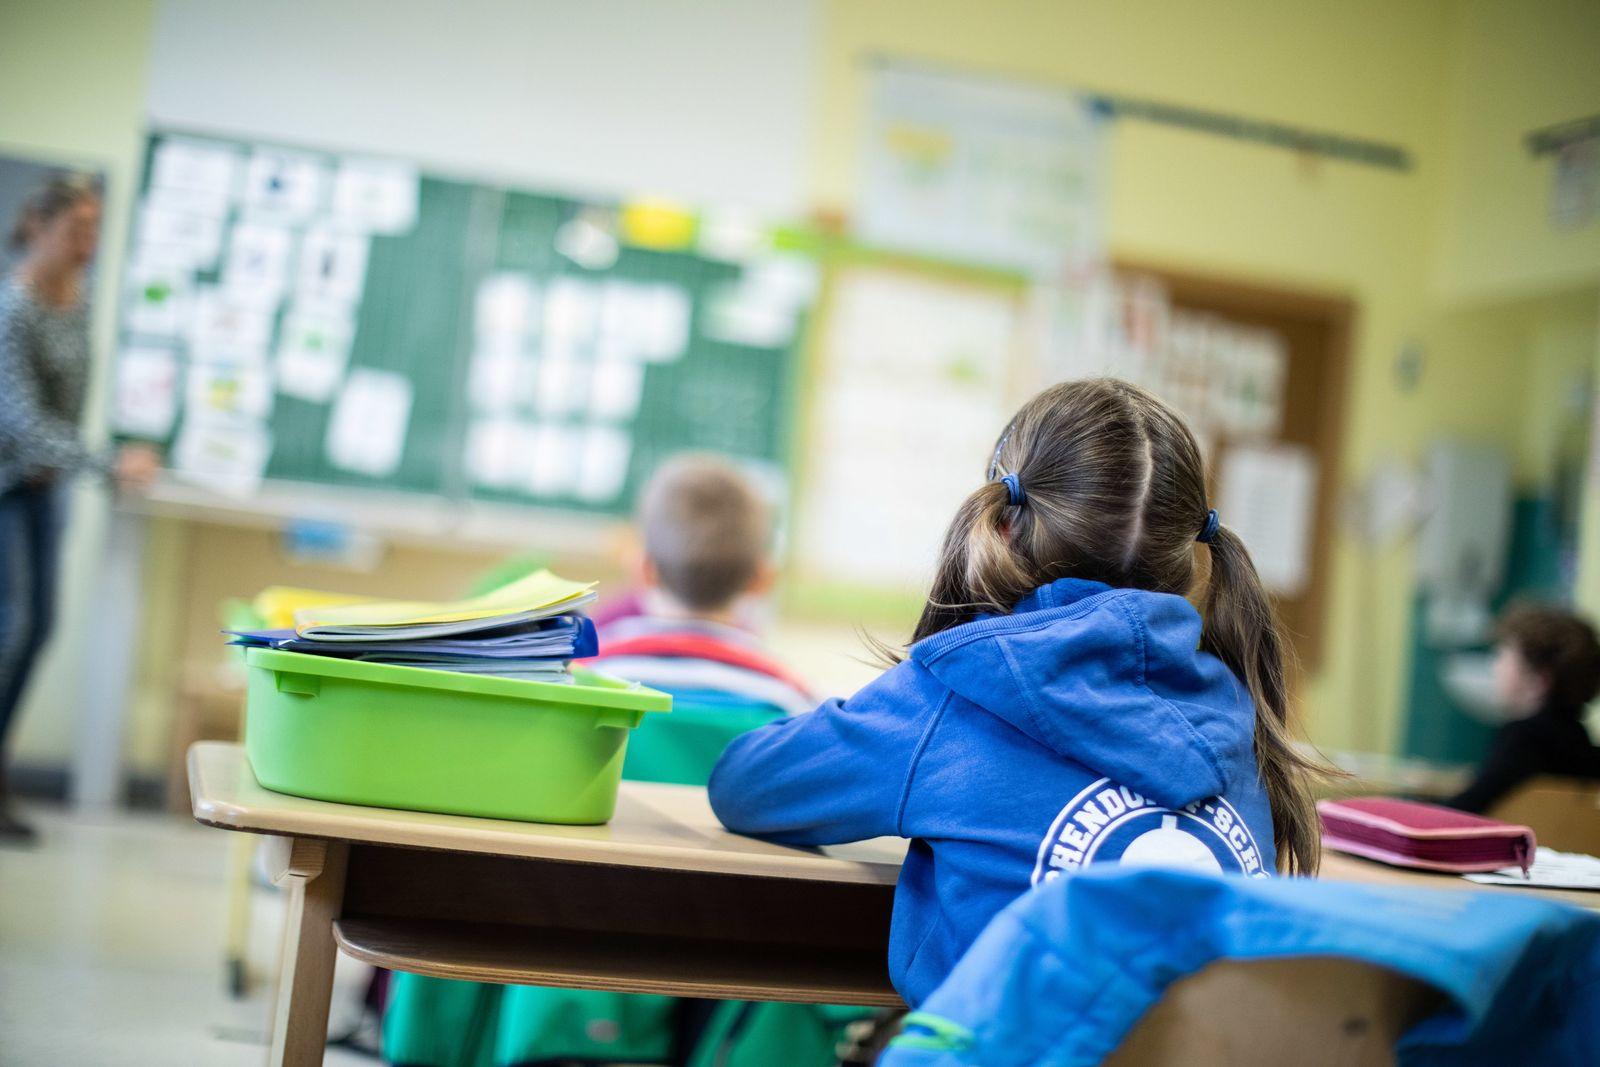 Schulen bleiben im Wechselunterricht